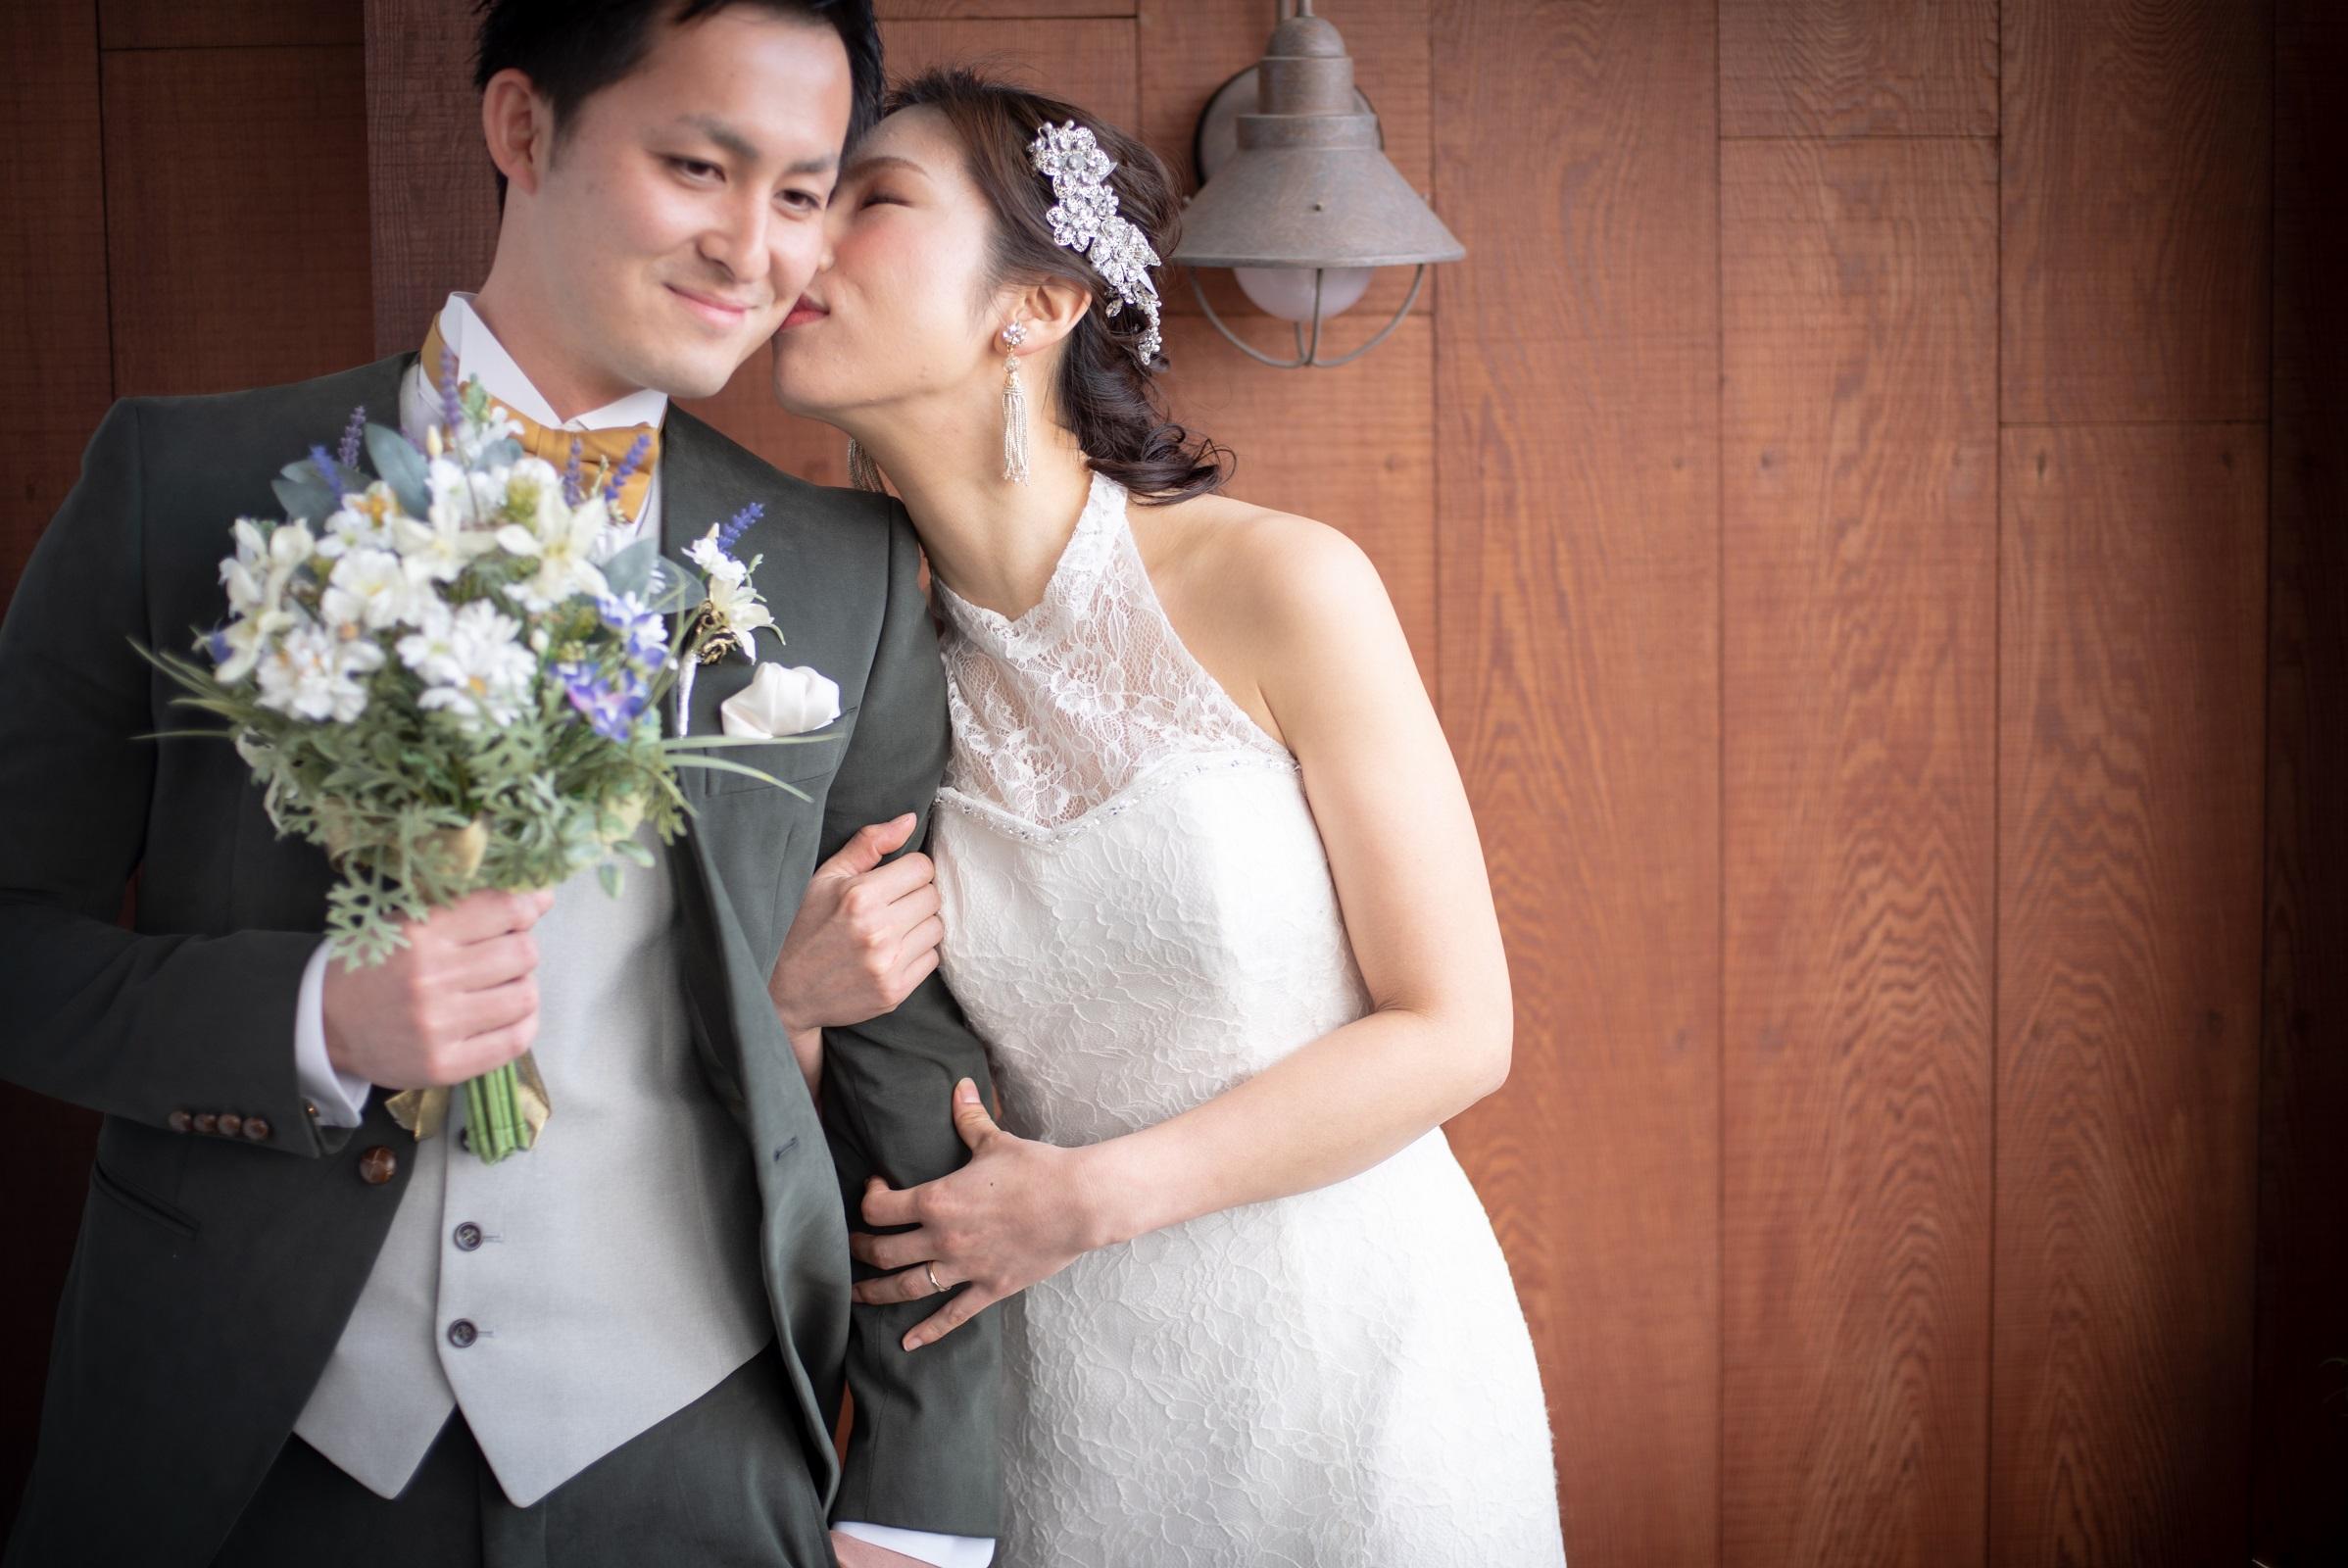 香川県高松市の小さな結婚式紹介所マリマリコンシェルジュで予算を抑えたフォト婚